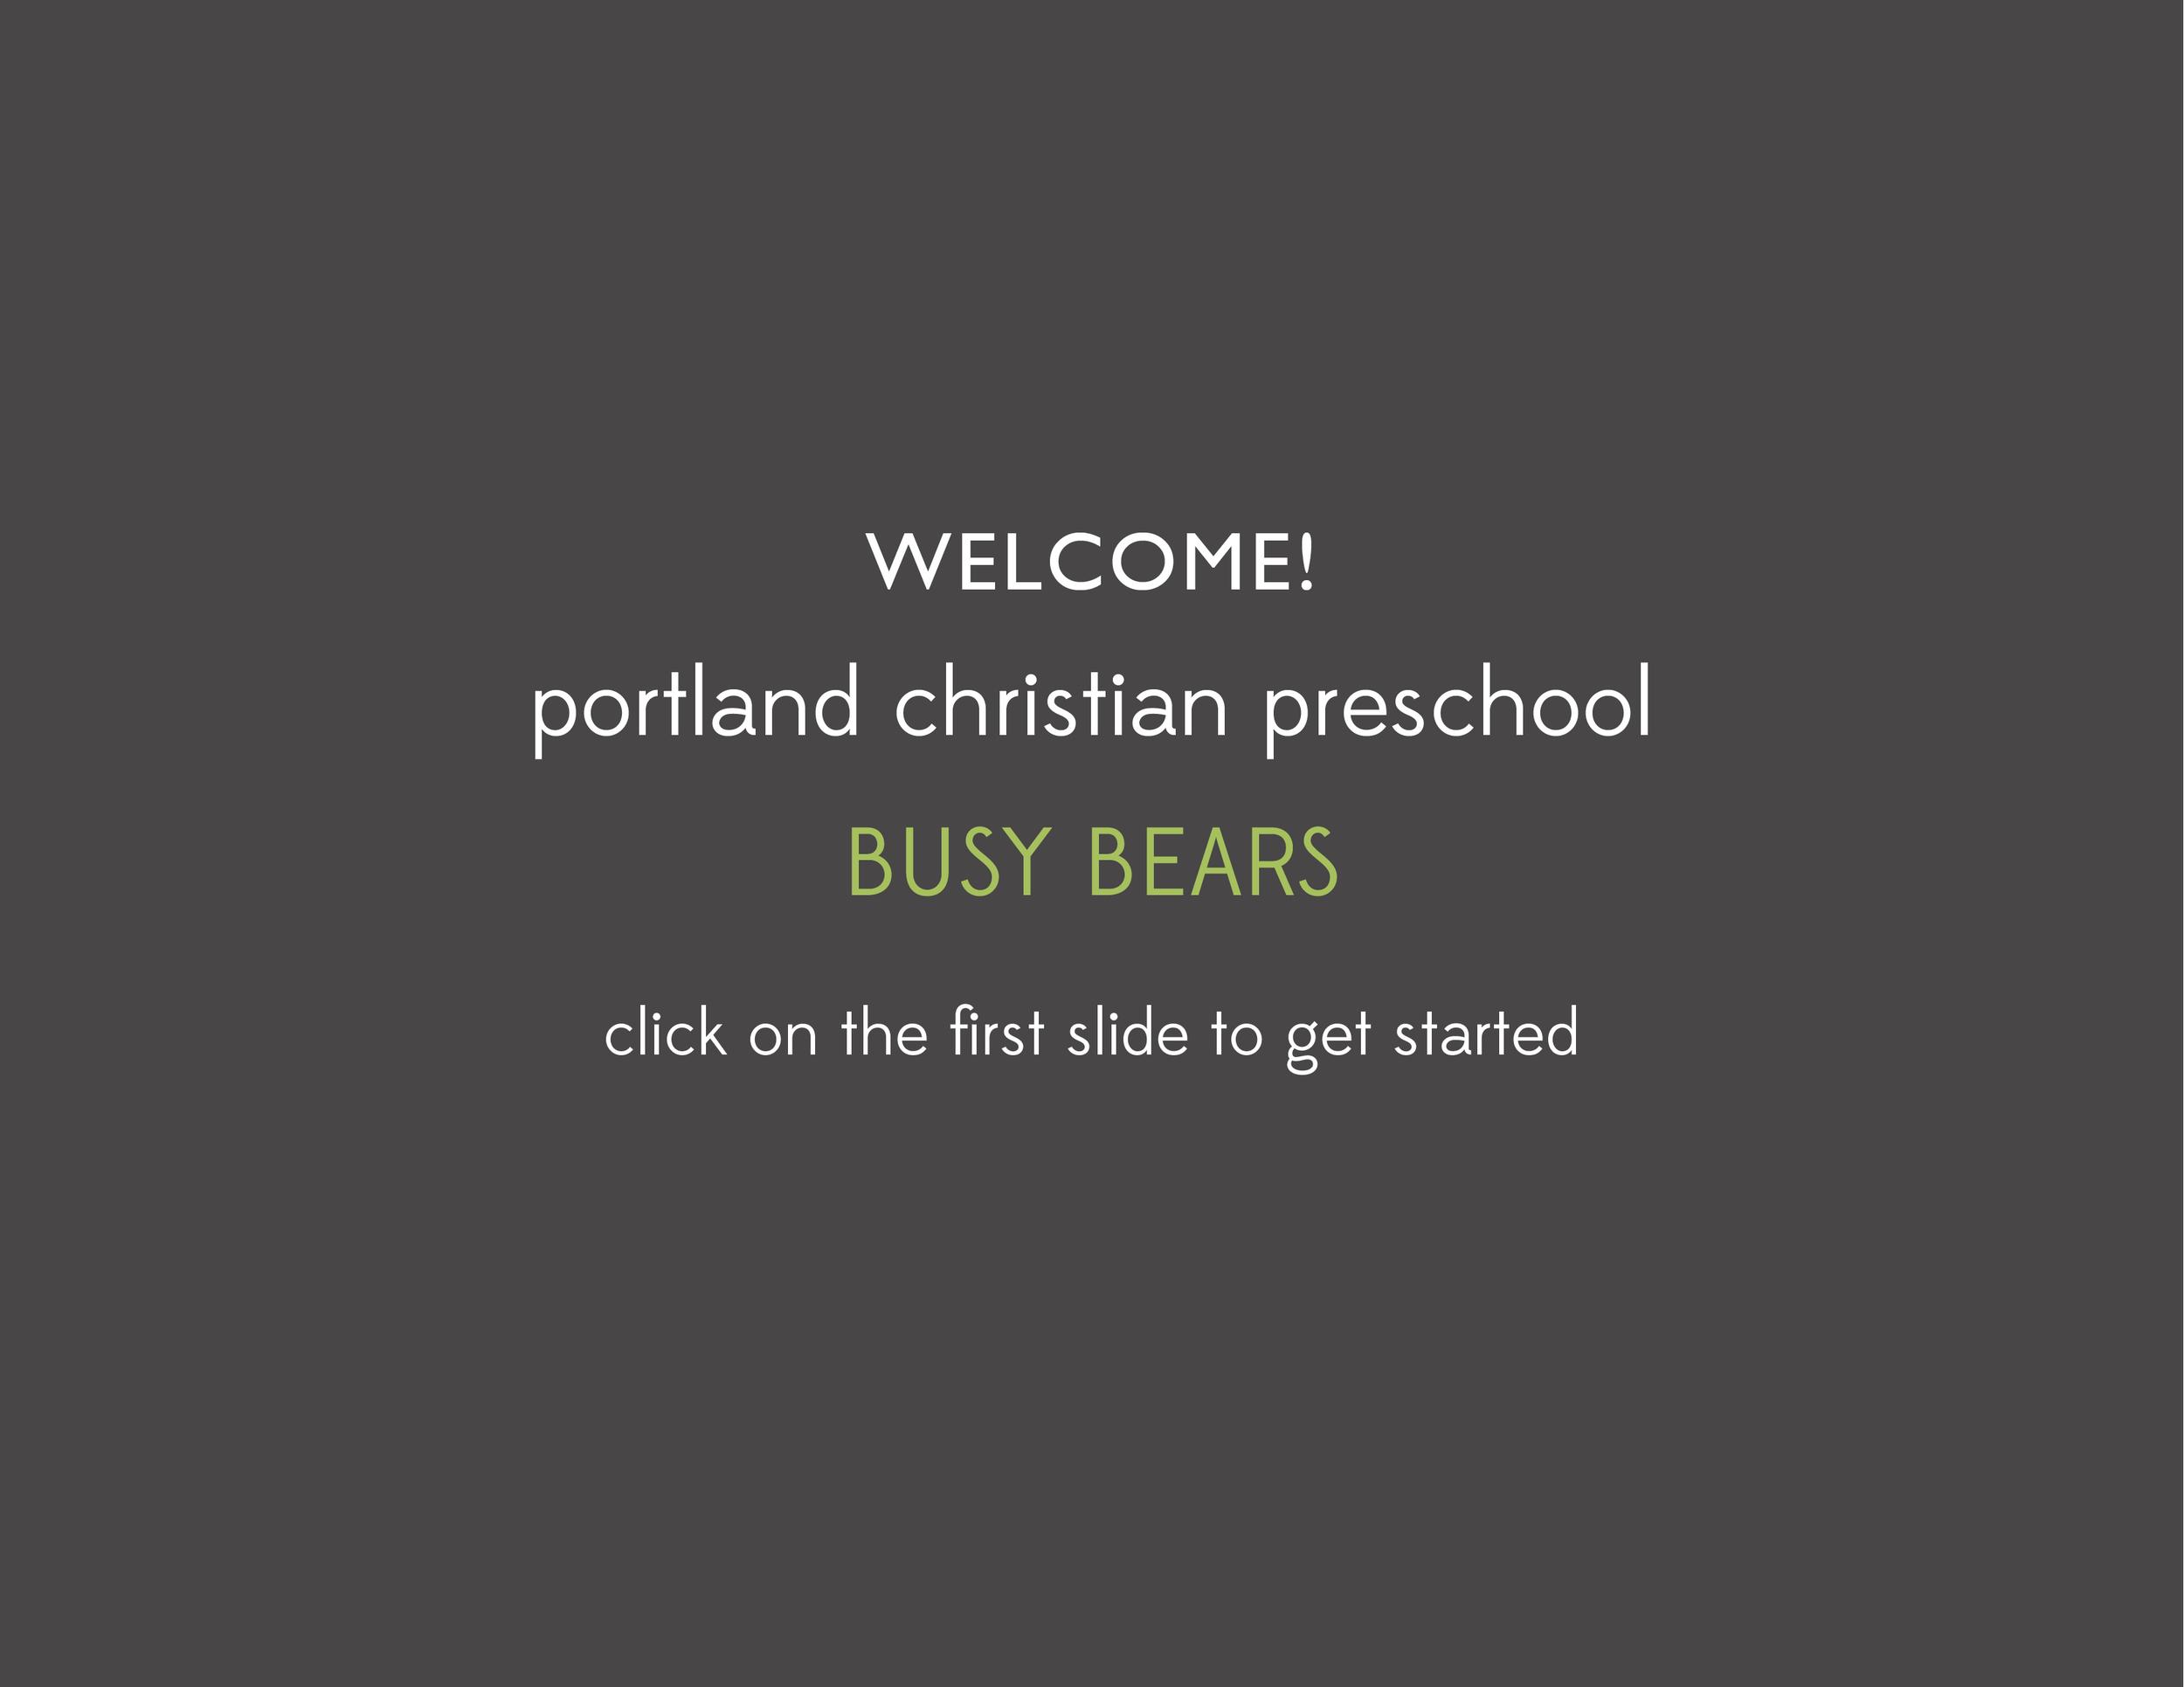 a_Busy Bears.jpg